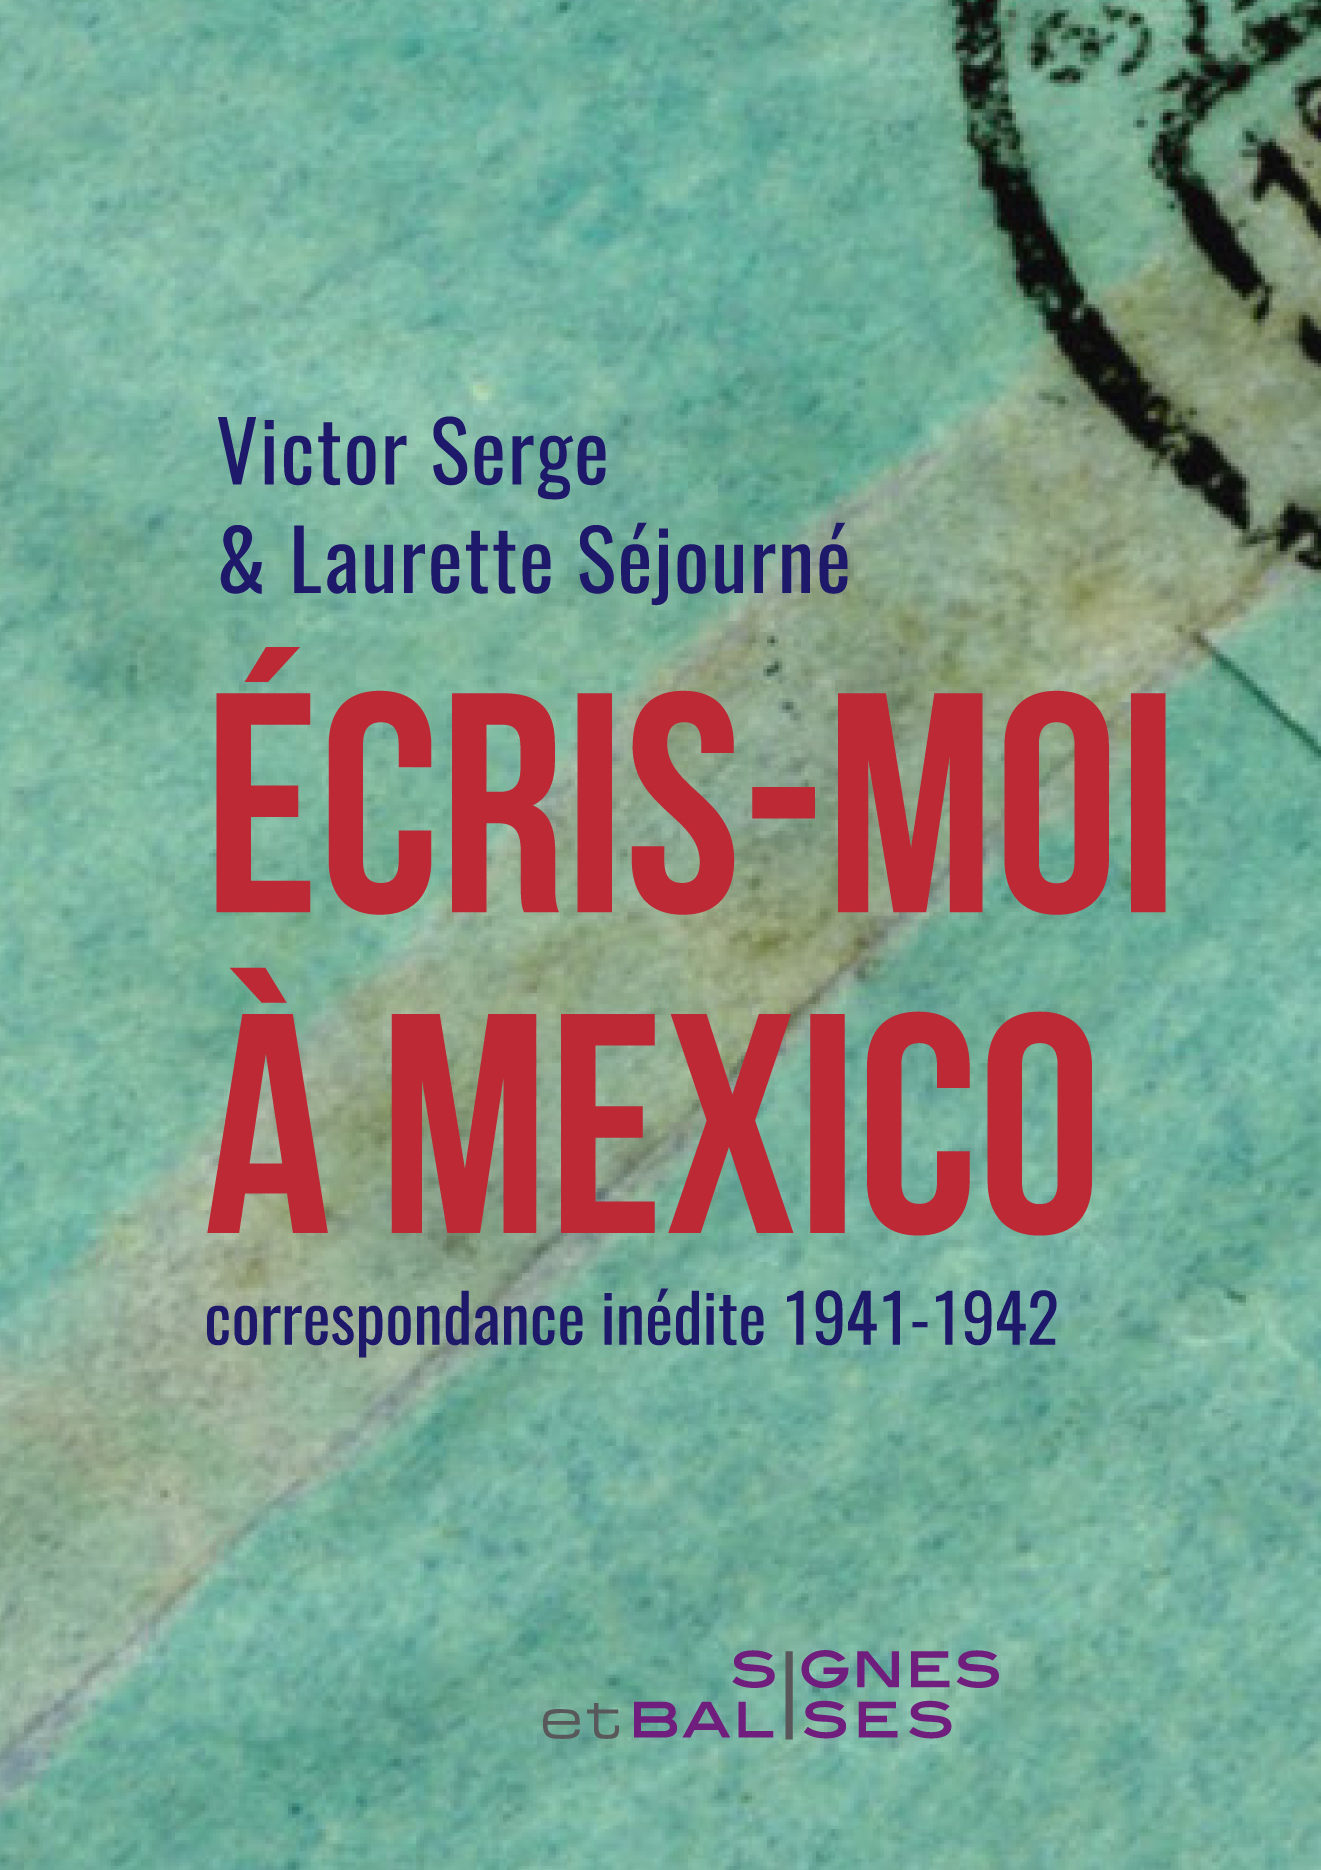 """Victor Serge et Laurette Séjourné, """"Écris-moi à Mexico. Correspondance inédite 1941-1942"""""""